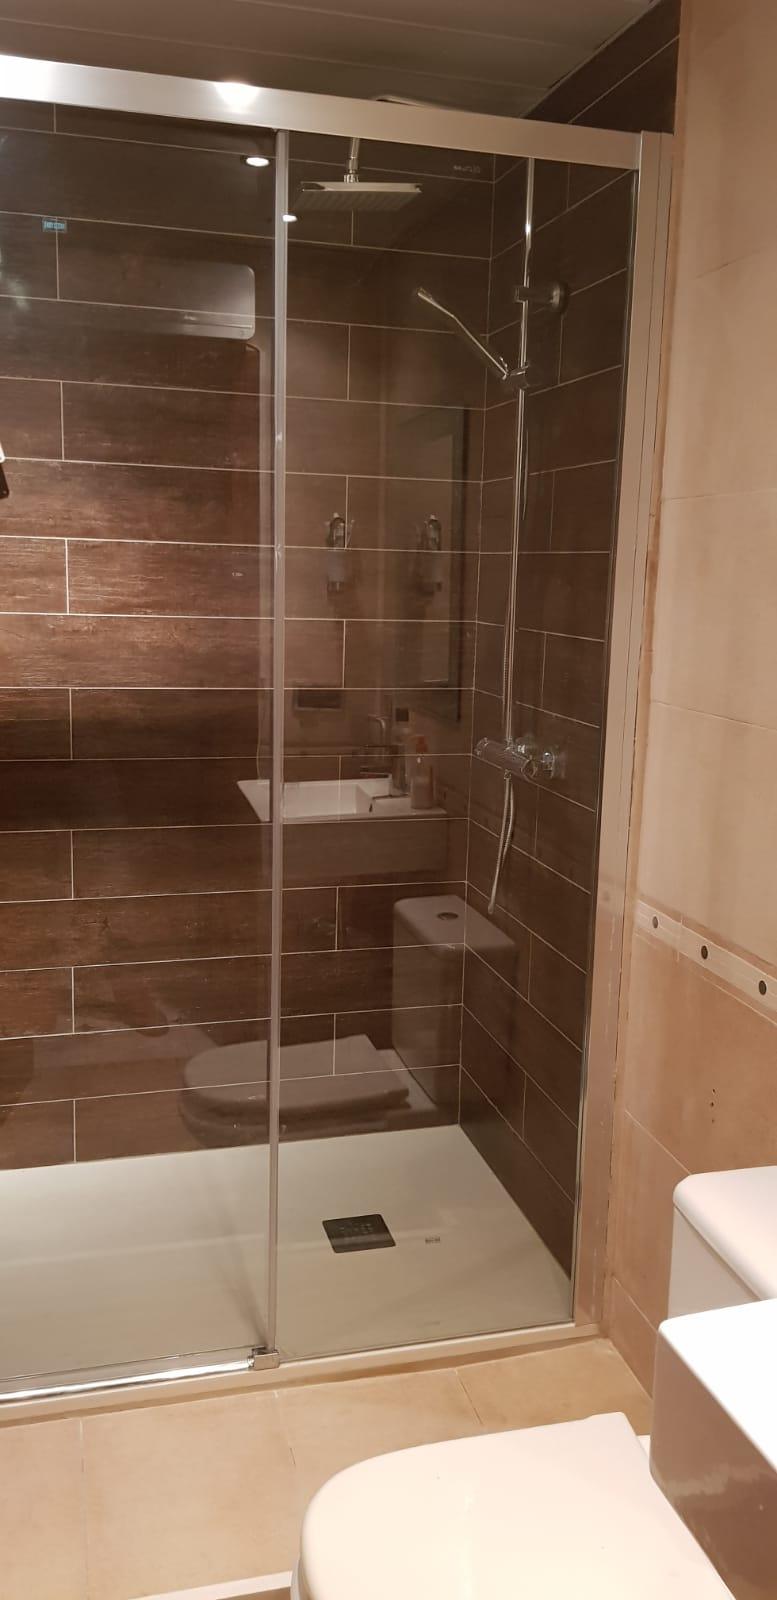 Una ducha con puertas de cristal  Descripción generada automáticamente con confianza baja